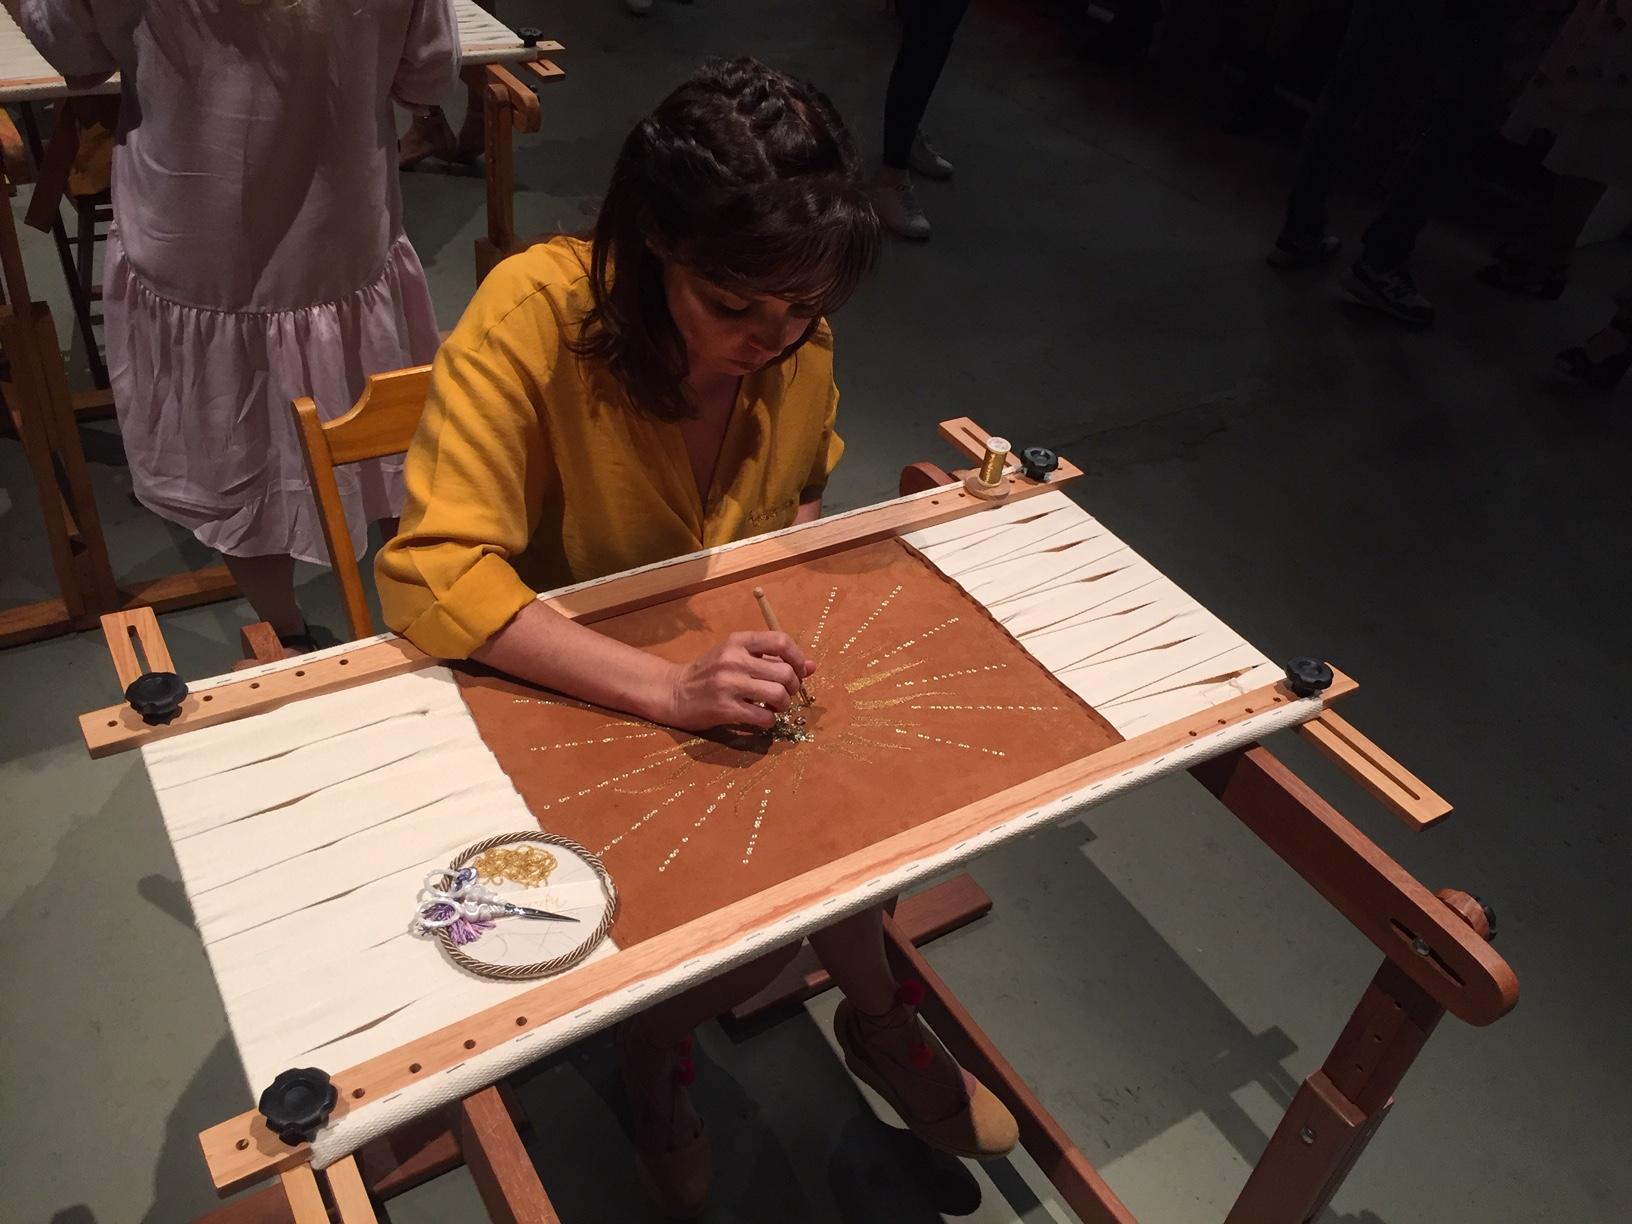 Meninas fazendo trabalho manual na passarela da Patricia Viera / Agência Fotosite